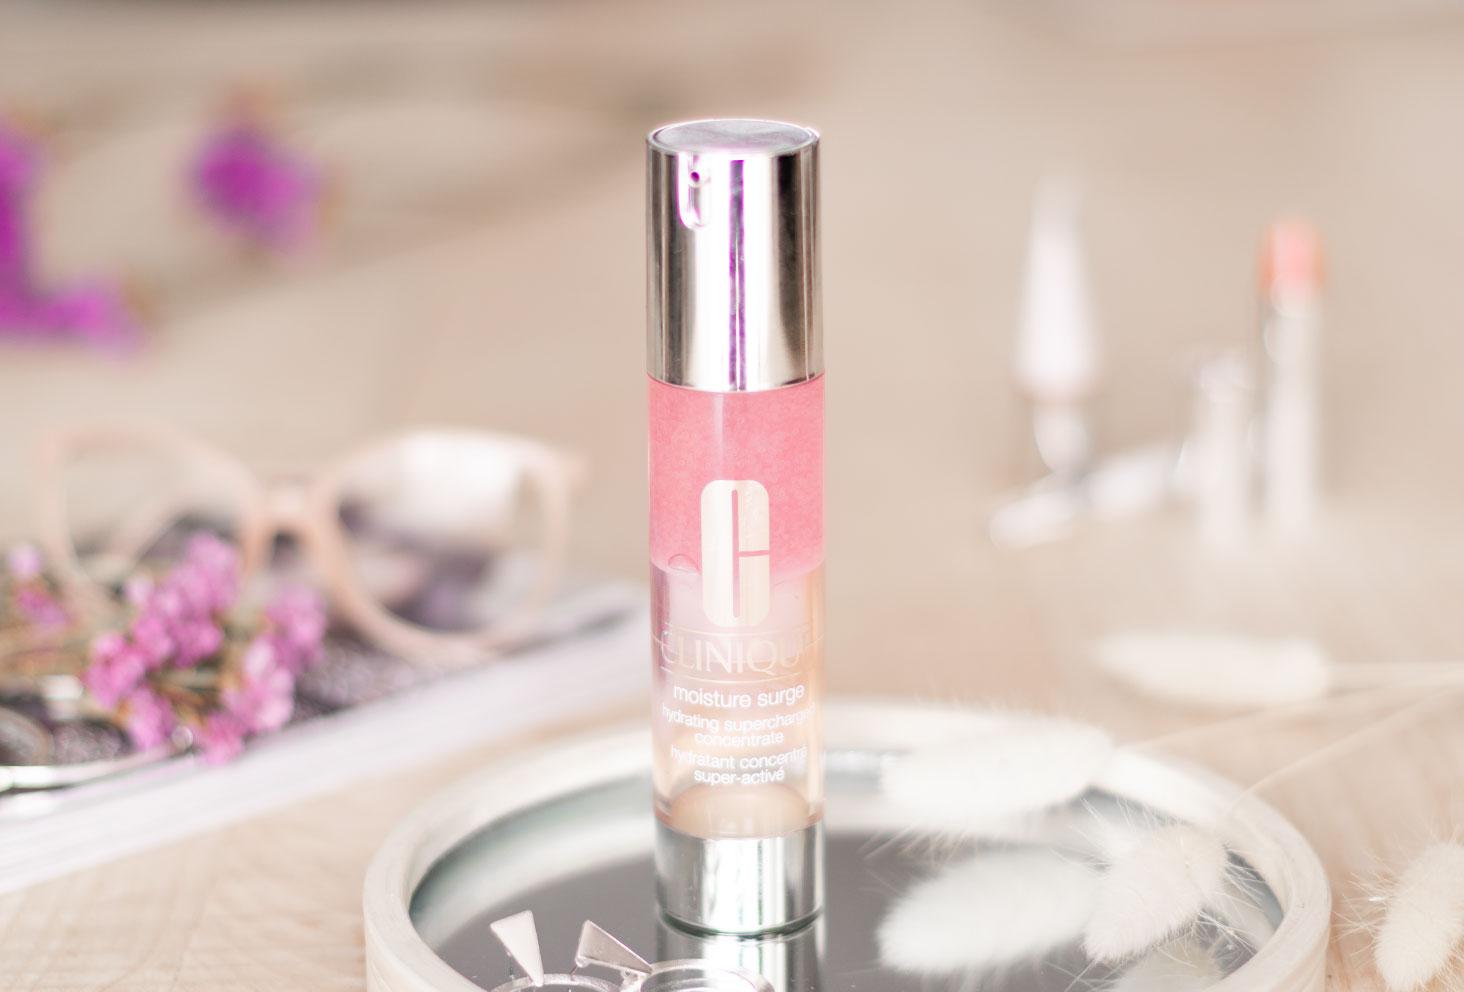 Le produit Moisture Surge de Clinique rose sur un miroir argenté